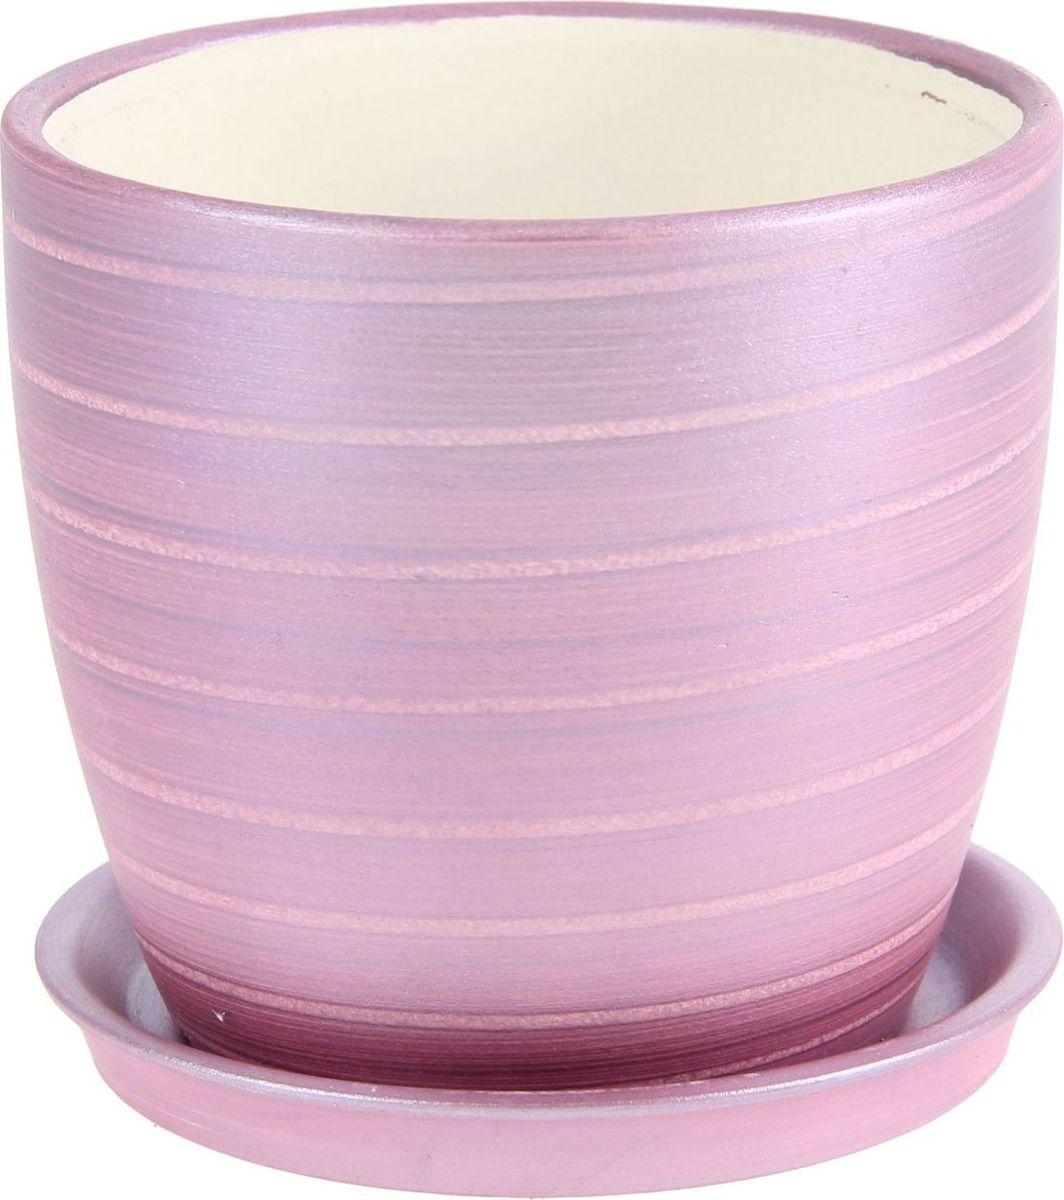 Кашпо Керамика ручной работы Осень. Радуга, цвет: фиолетовый, 1 л1144935Комнатные растения - всеобщие любимцы. Они радуют глаз, насыщают помещение кислородом и украшают пространство. Каждому из них необходим свой удобный и красивый дом. Кашпо из керамики прекрасно подходят для высадки растений: за счет пластичности глины и разных способов обработки существует великое множество форм и дизайнов. Пористый материал позволяет испаряться лишней влаге. Воздух, необходимый для дыхания корней, проникает сквозь керамические стенки!